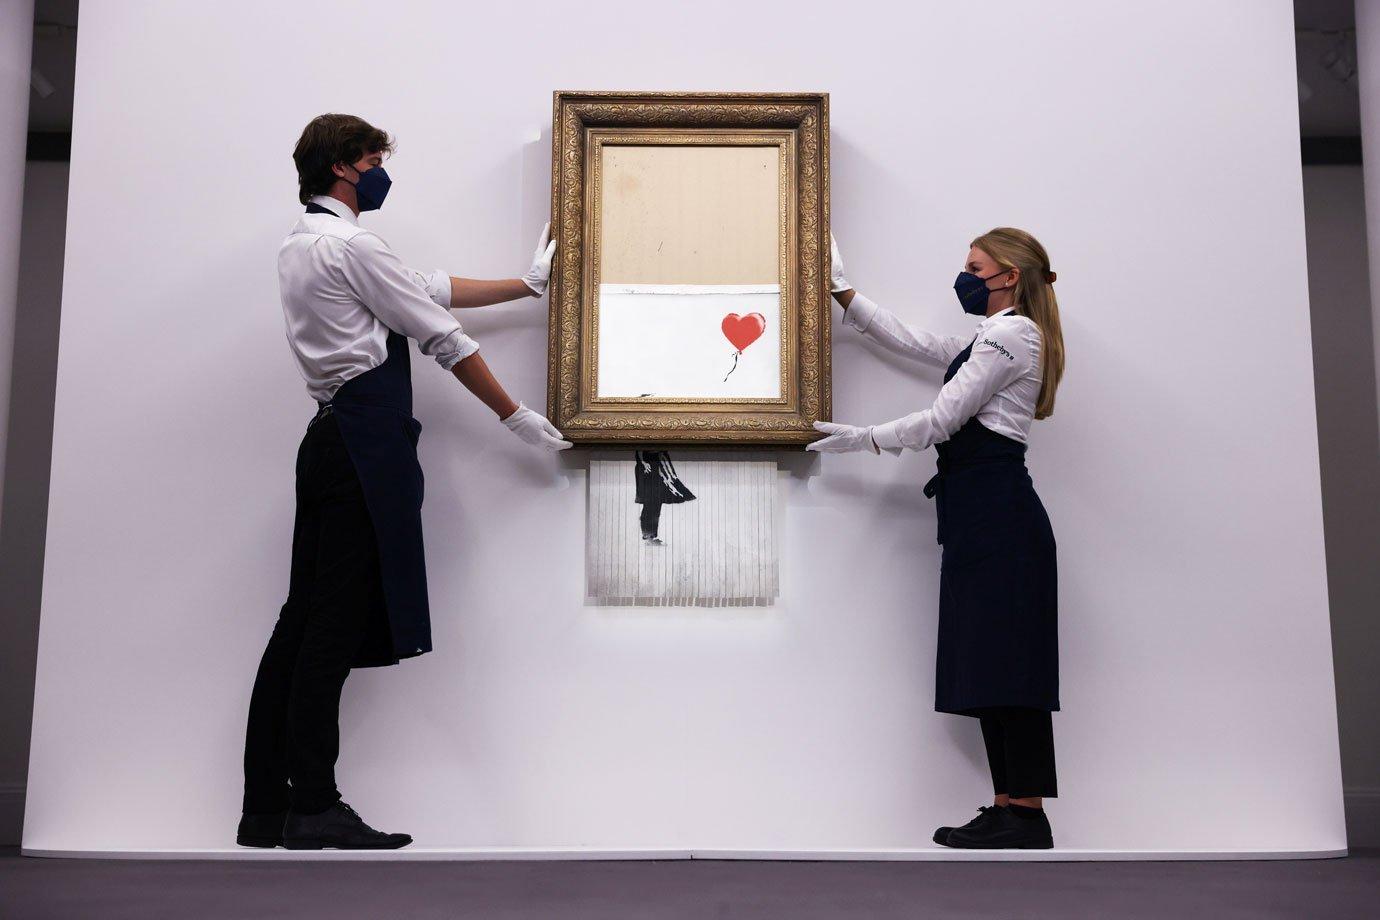 Quadro de Banksy triturado é vendido por US$ 25 milhões em leilão